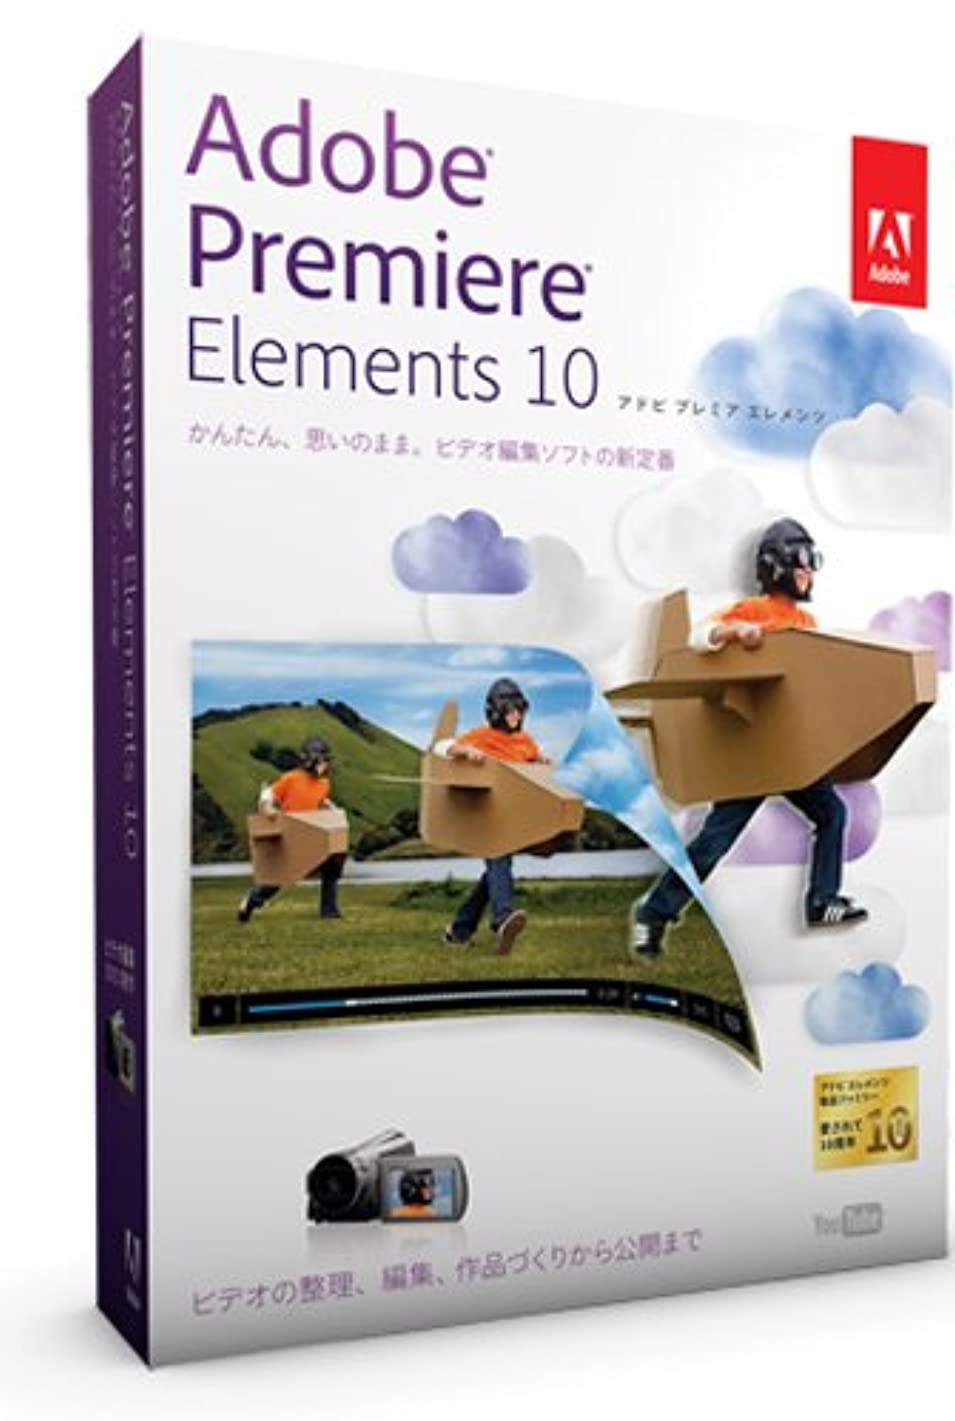 教えハムシンジケートAdobe Premiere Elements 10 日本語版 Windows/Macintosh版 (修正パッチ未適用)